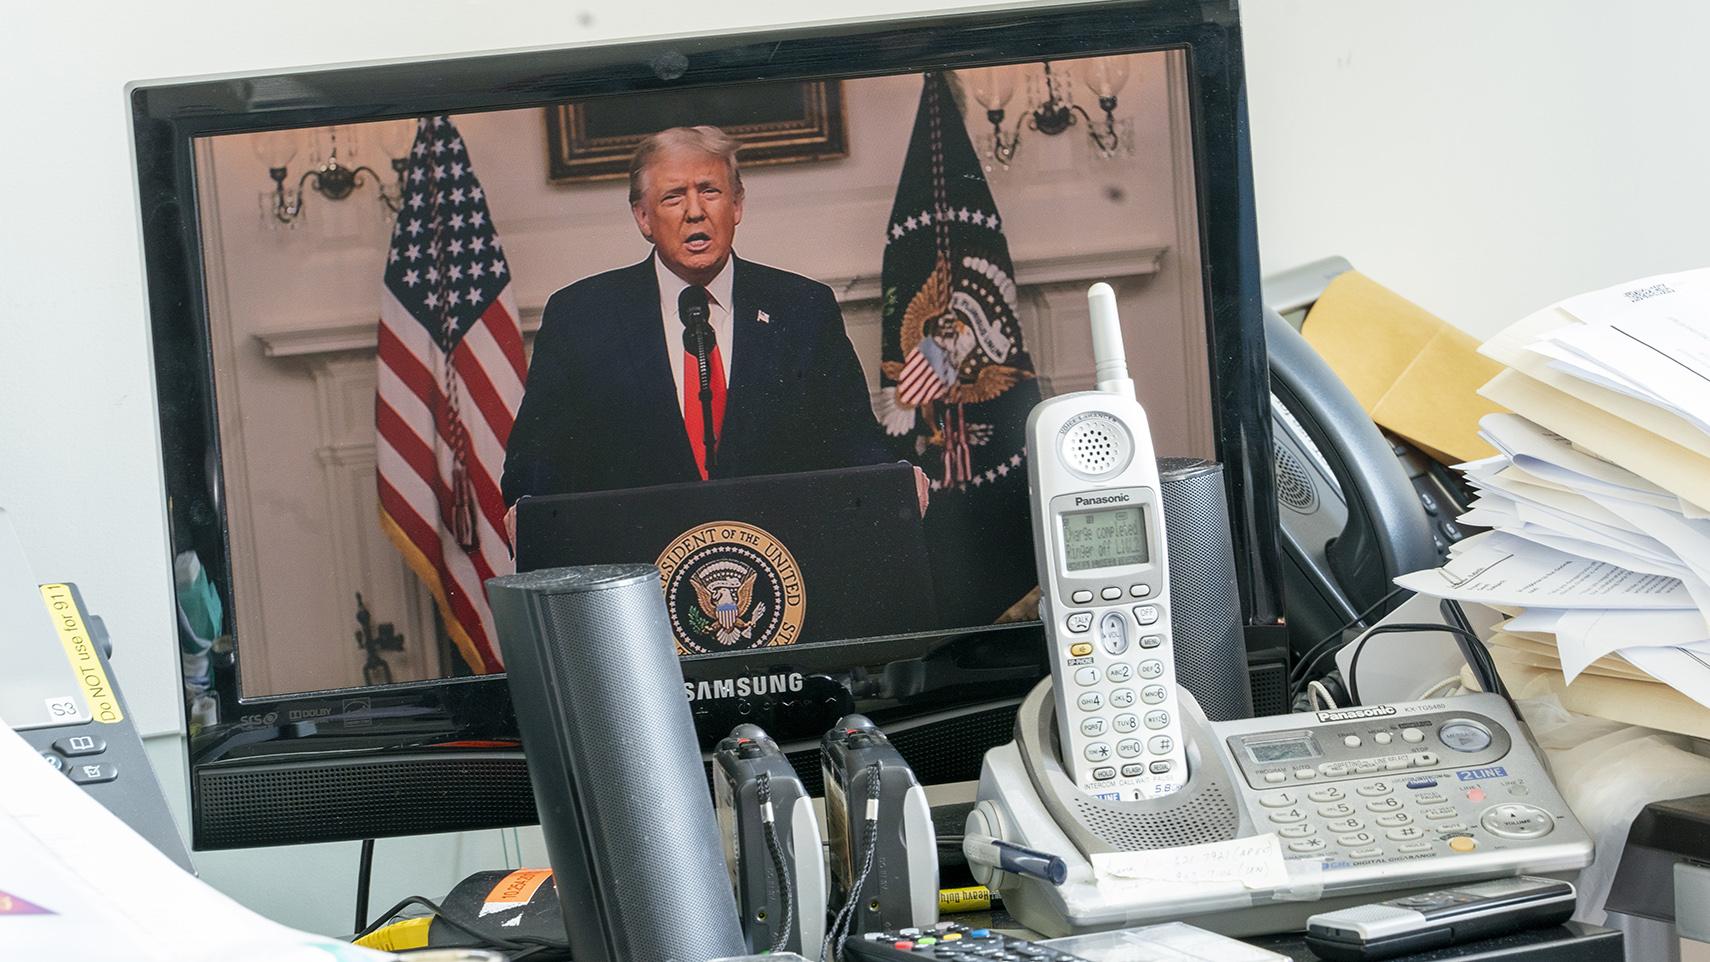 2020年9月22日,美国总统特朗普在联合国大会上发表视频演讲。(美联社)